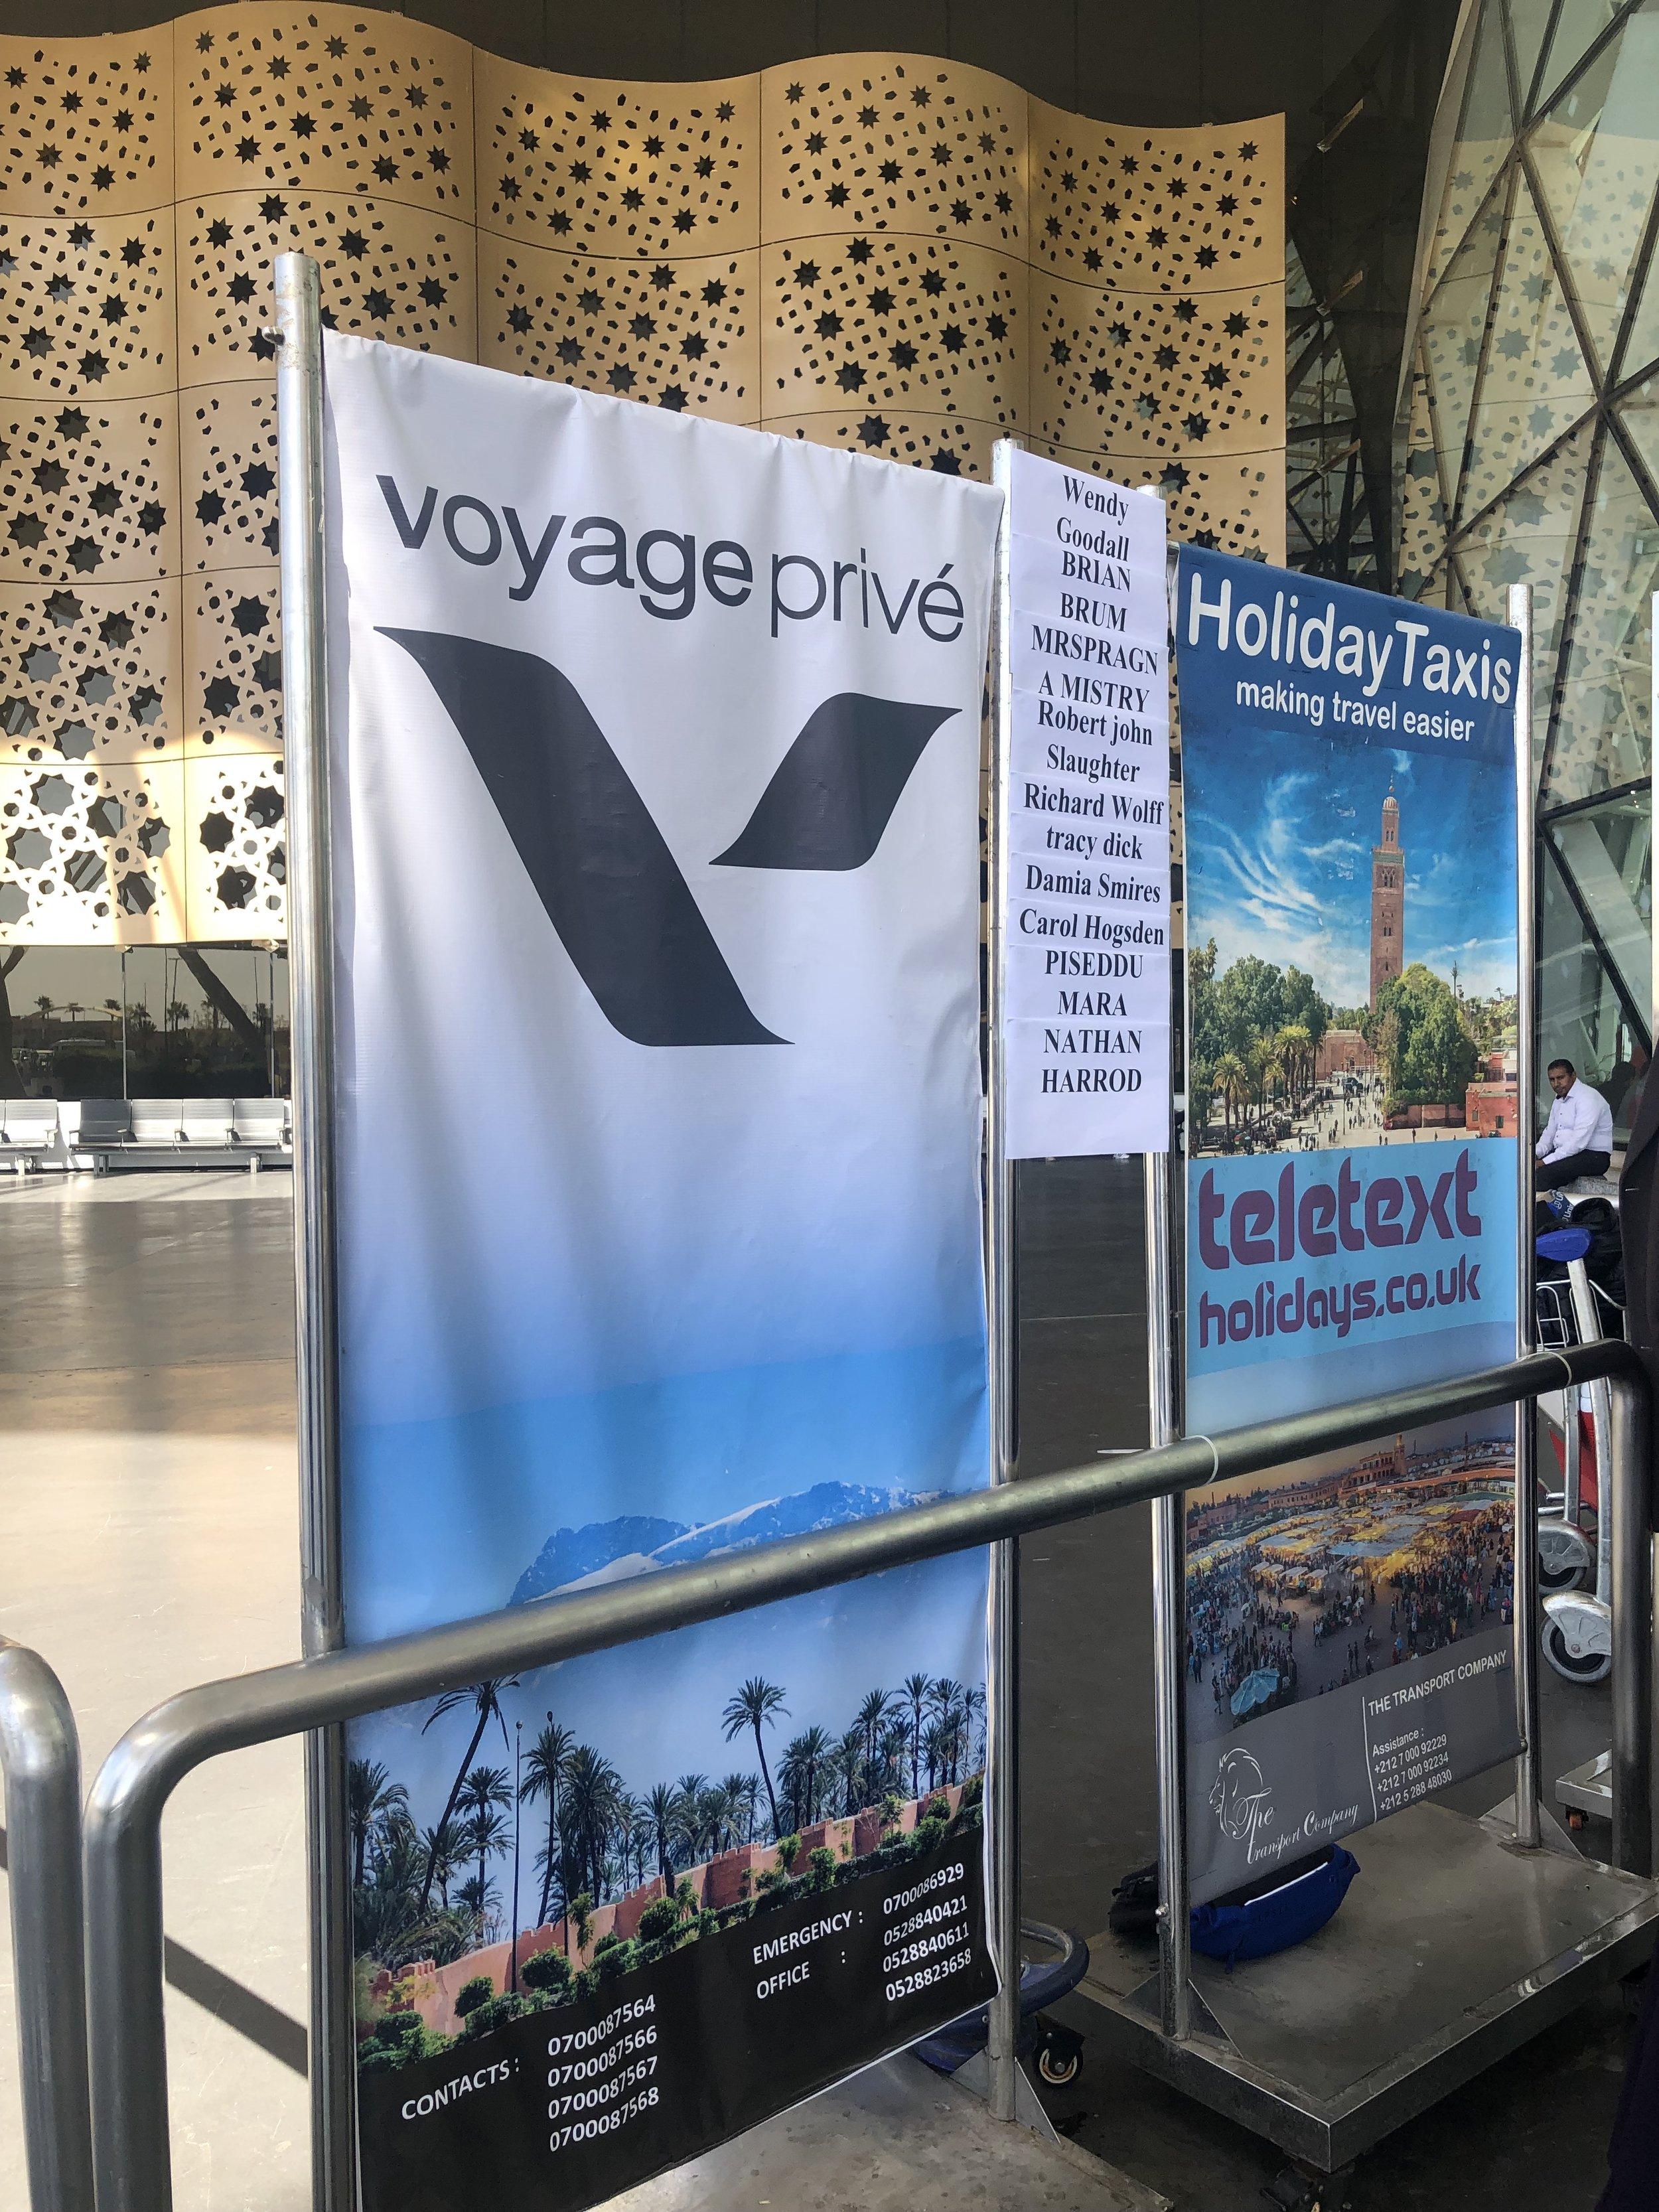 Rencontrez notre équipe et récupérez votre Pochette de Bienvenue ! - Notre équipe de conseillers vous attend à l'extérieur du Terminal des arrivées sur votre droite, sous les banderoles officielles de nos partenaires.